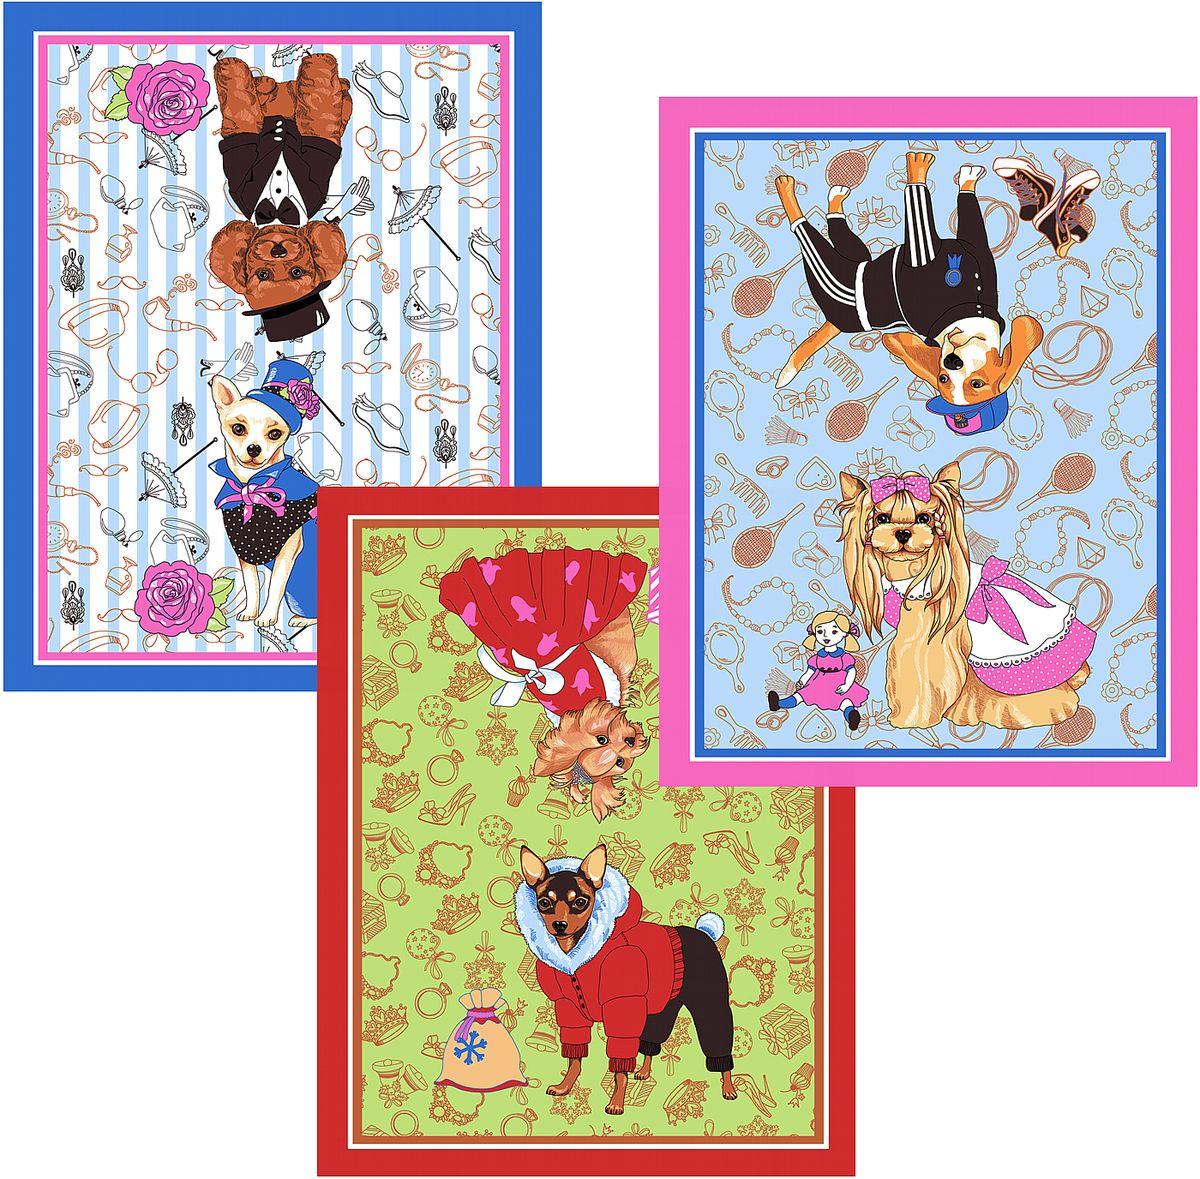 Набор кухонных полотенец Мультидом Собака-модница, цвет: синий, красный, розовый, 48 х 62 см, 3 шт декоратор мультидом цвет розовый 2 шт